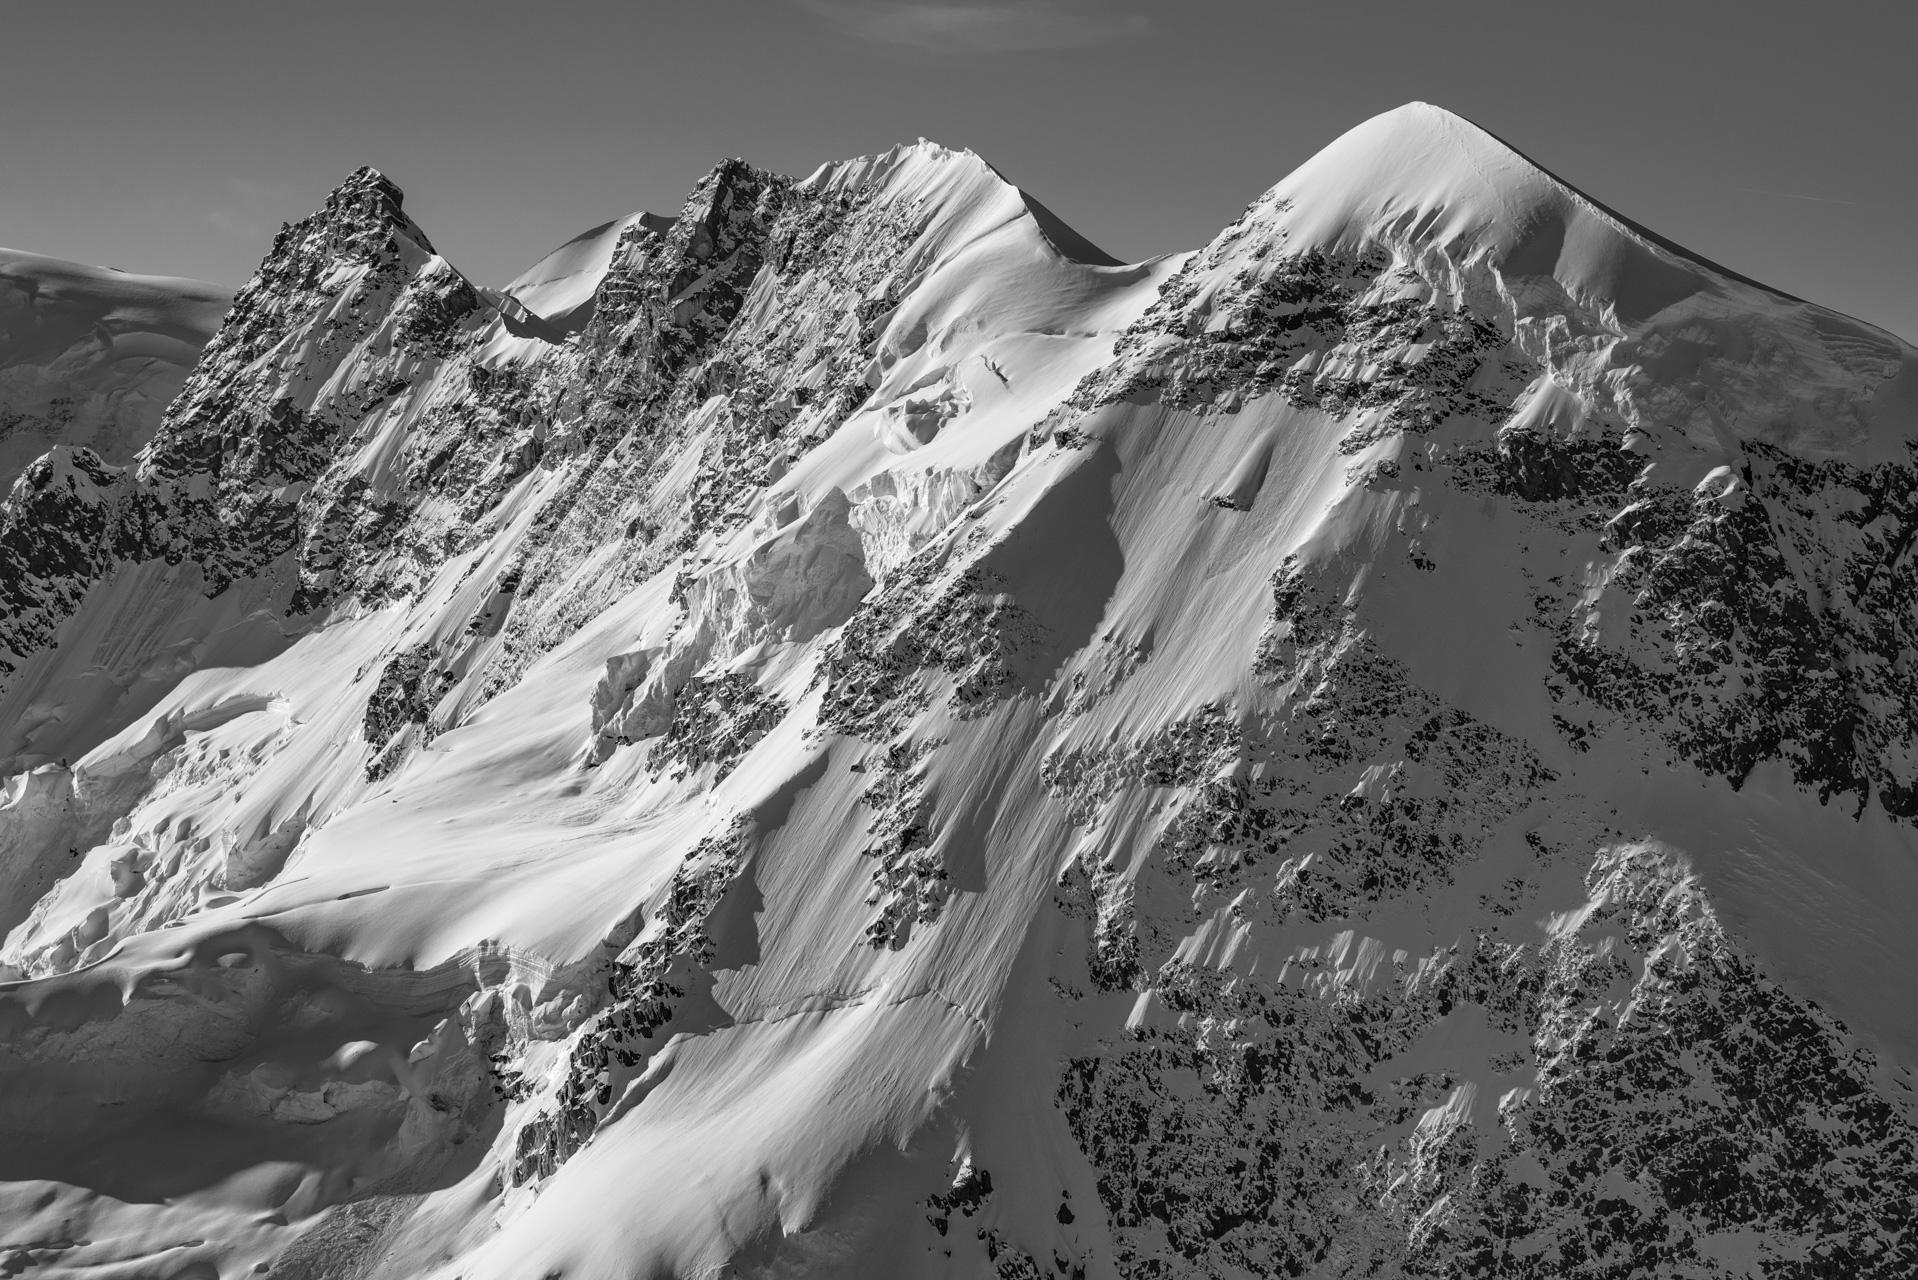 Breithorn - Zermatt - Image montagne neige noir et blanc d'un glacier des alpes